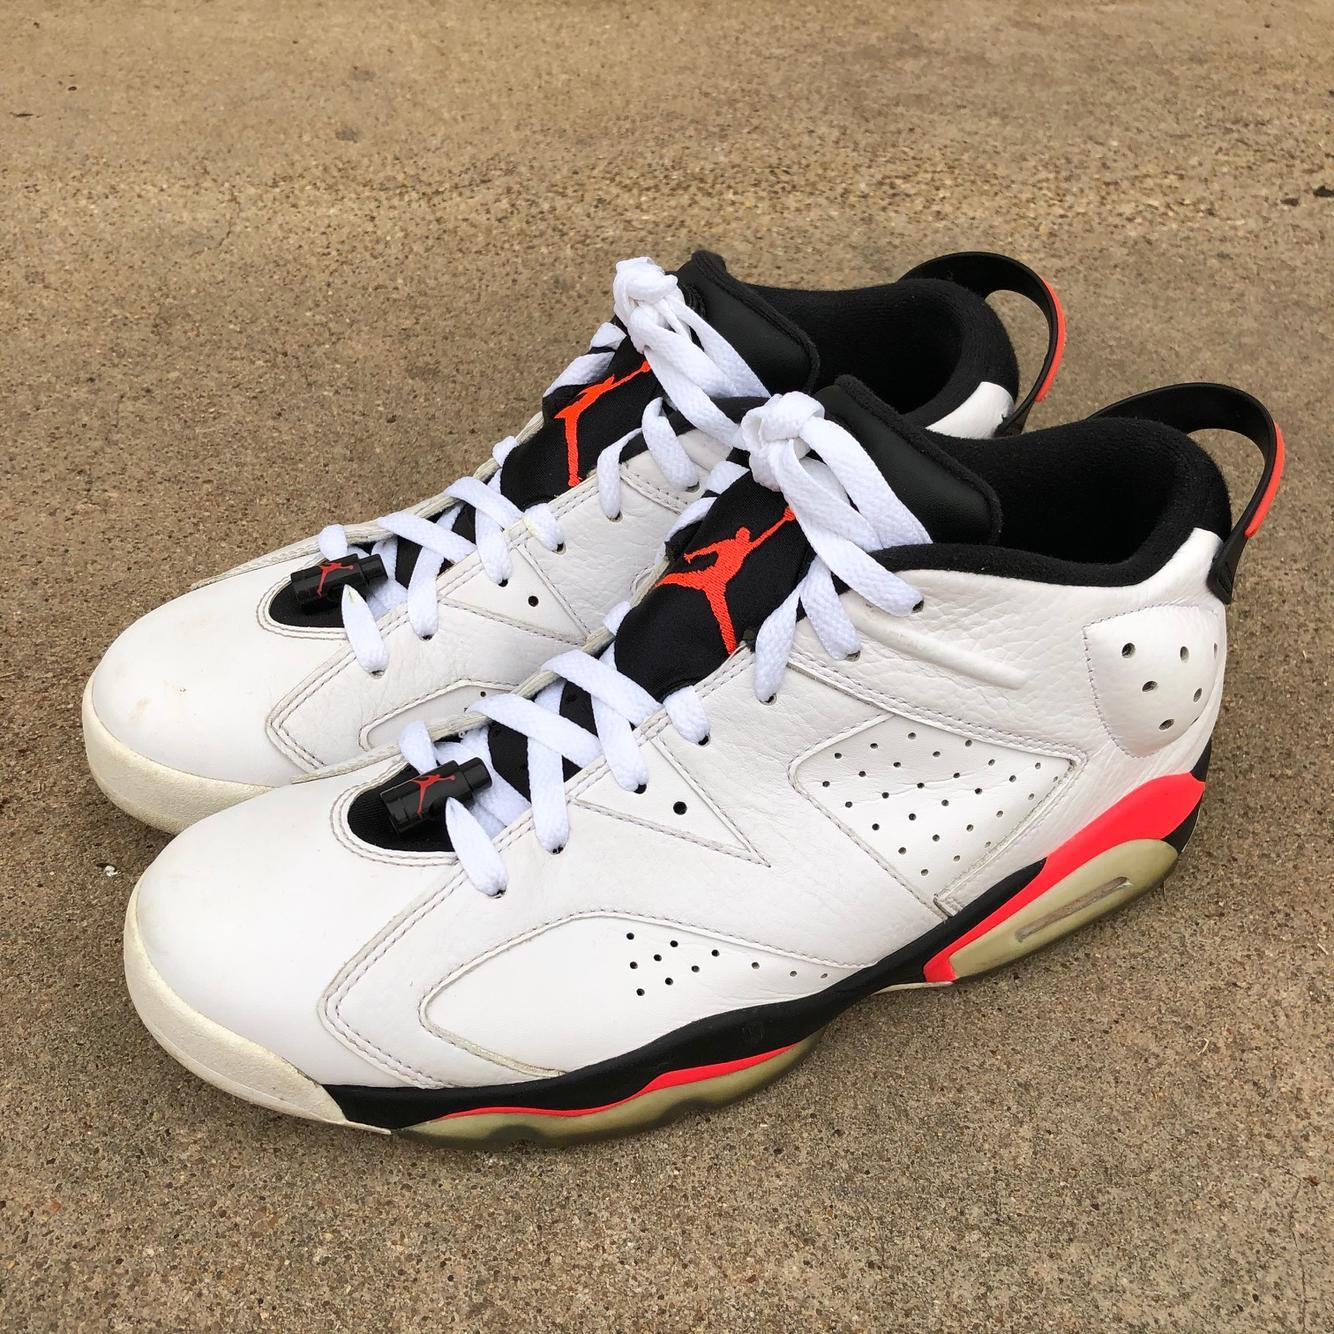 Air Jordan Jordan Retro 6 Low 'Infrared